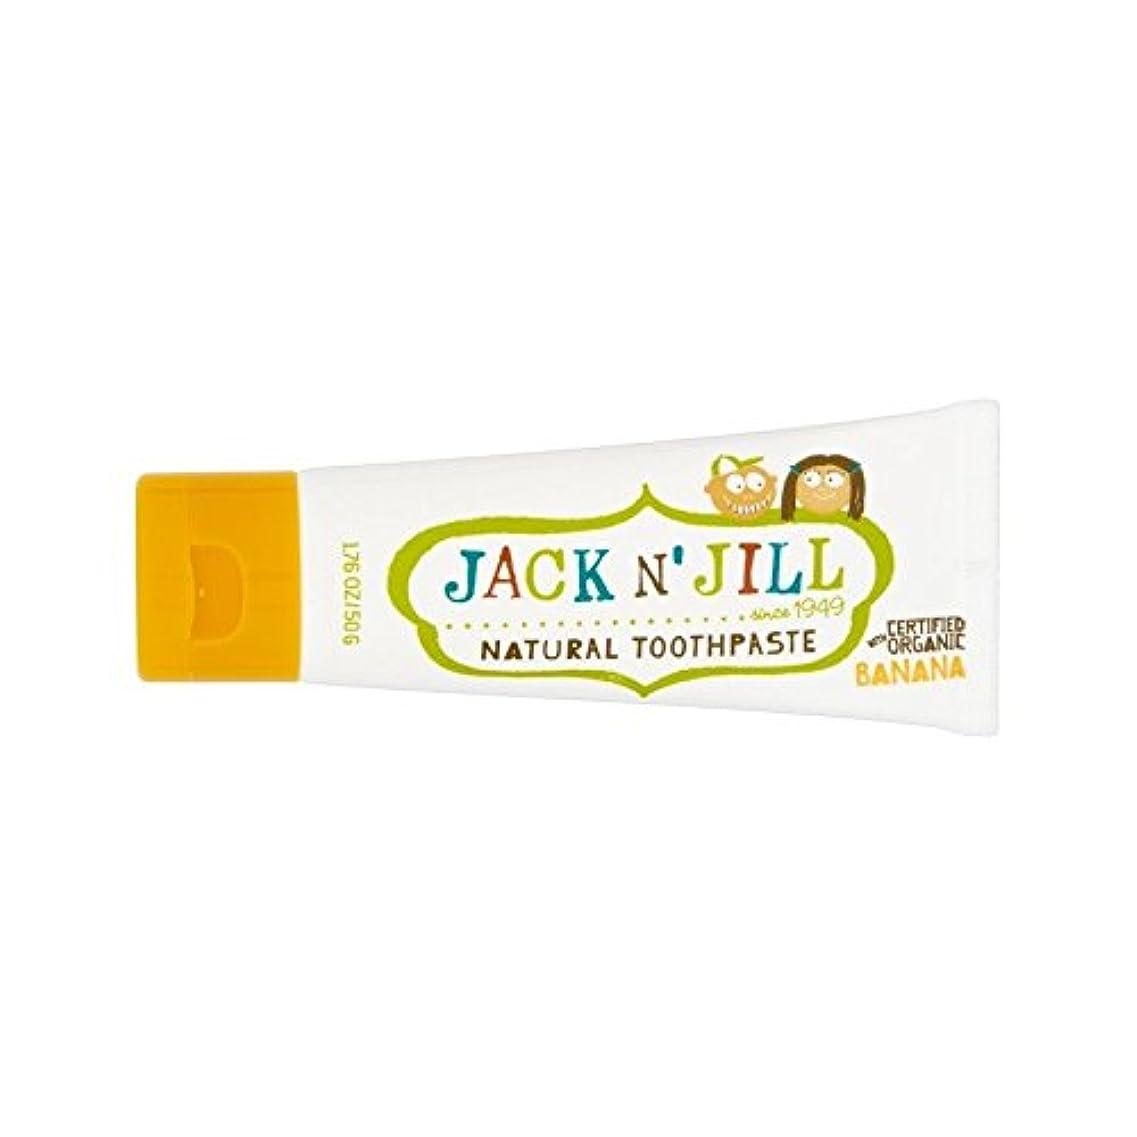 輝くフィドル百有機香味50グラムと自然バナナ歯磨き粉 (Jack N Jill) (x 6) - Jack N' Jill Banana Toothpaste Natural with Organic Flavouring 50g (Pack of 6) [並行輸入品]